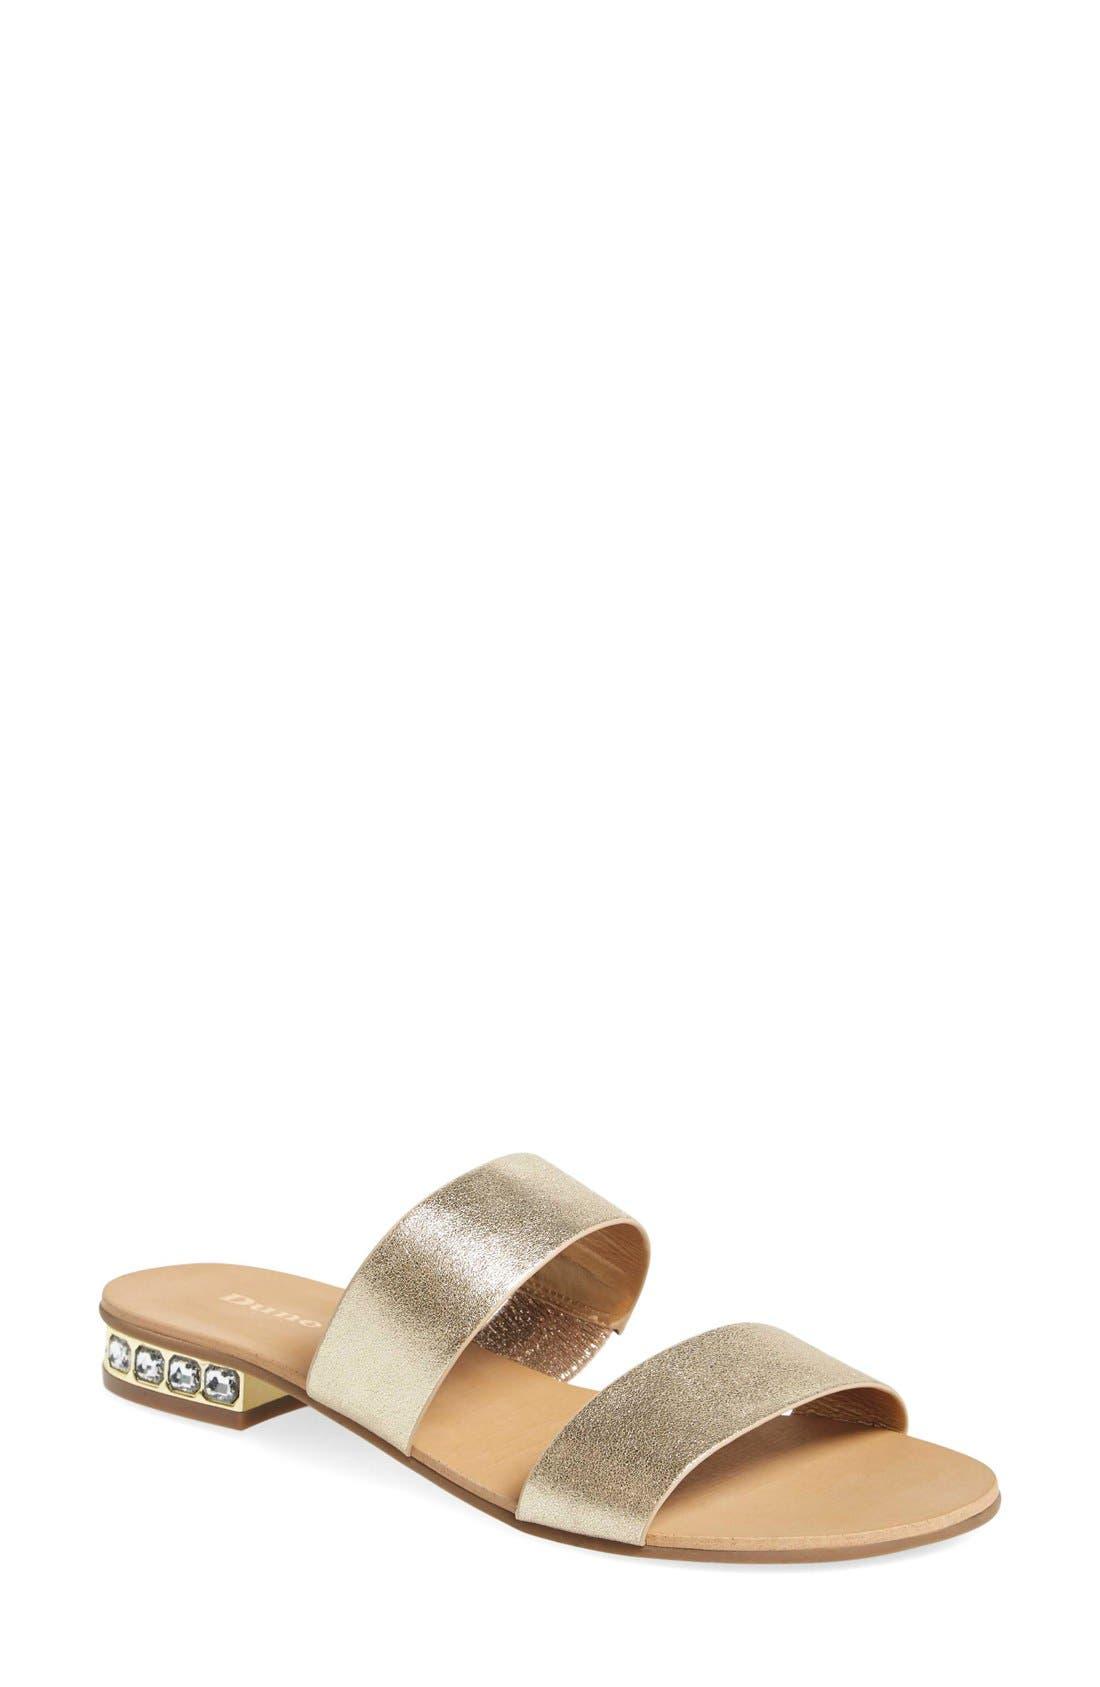 Alternate Image 1 Selected - Dune London 'Nesha' Flat Slide Sandal (Women)